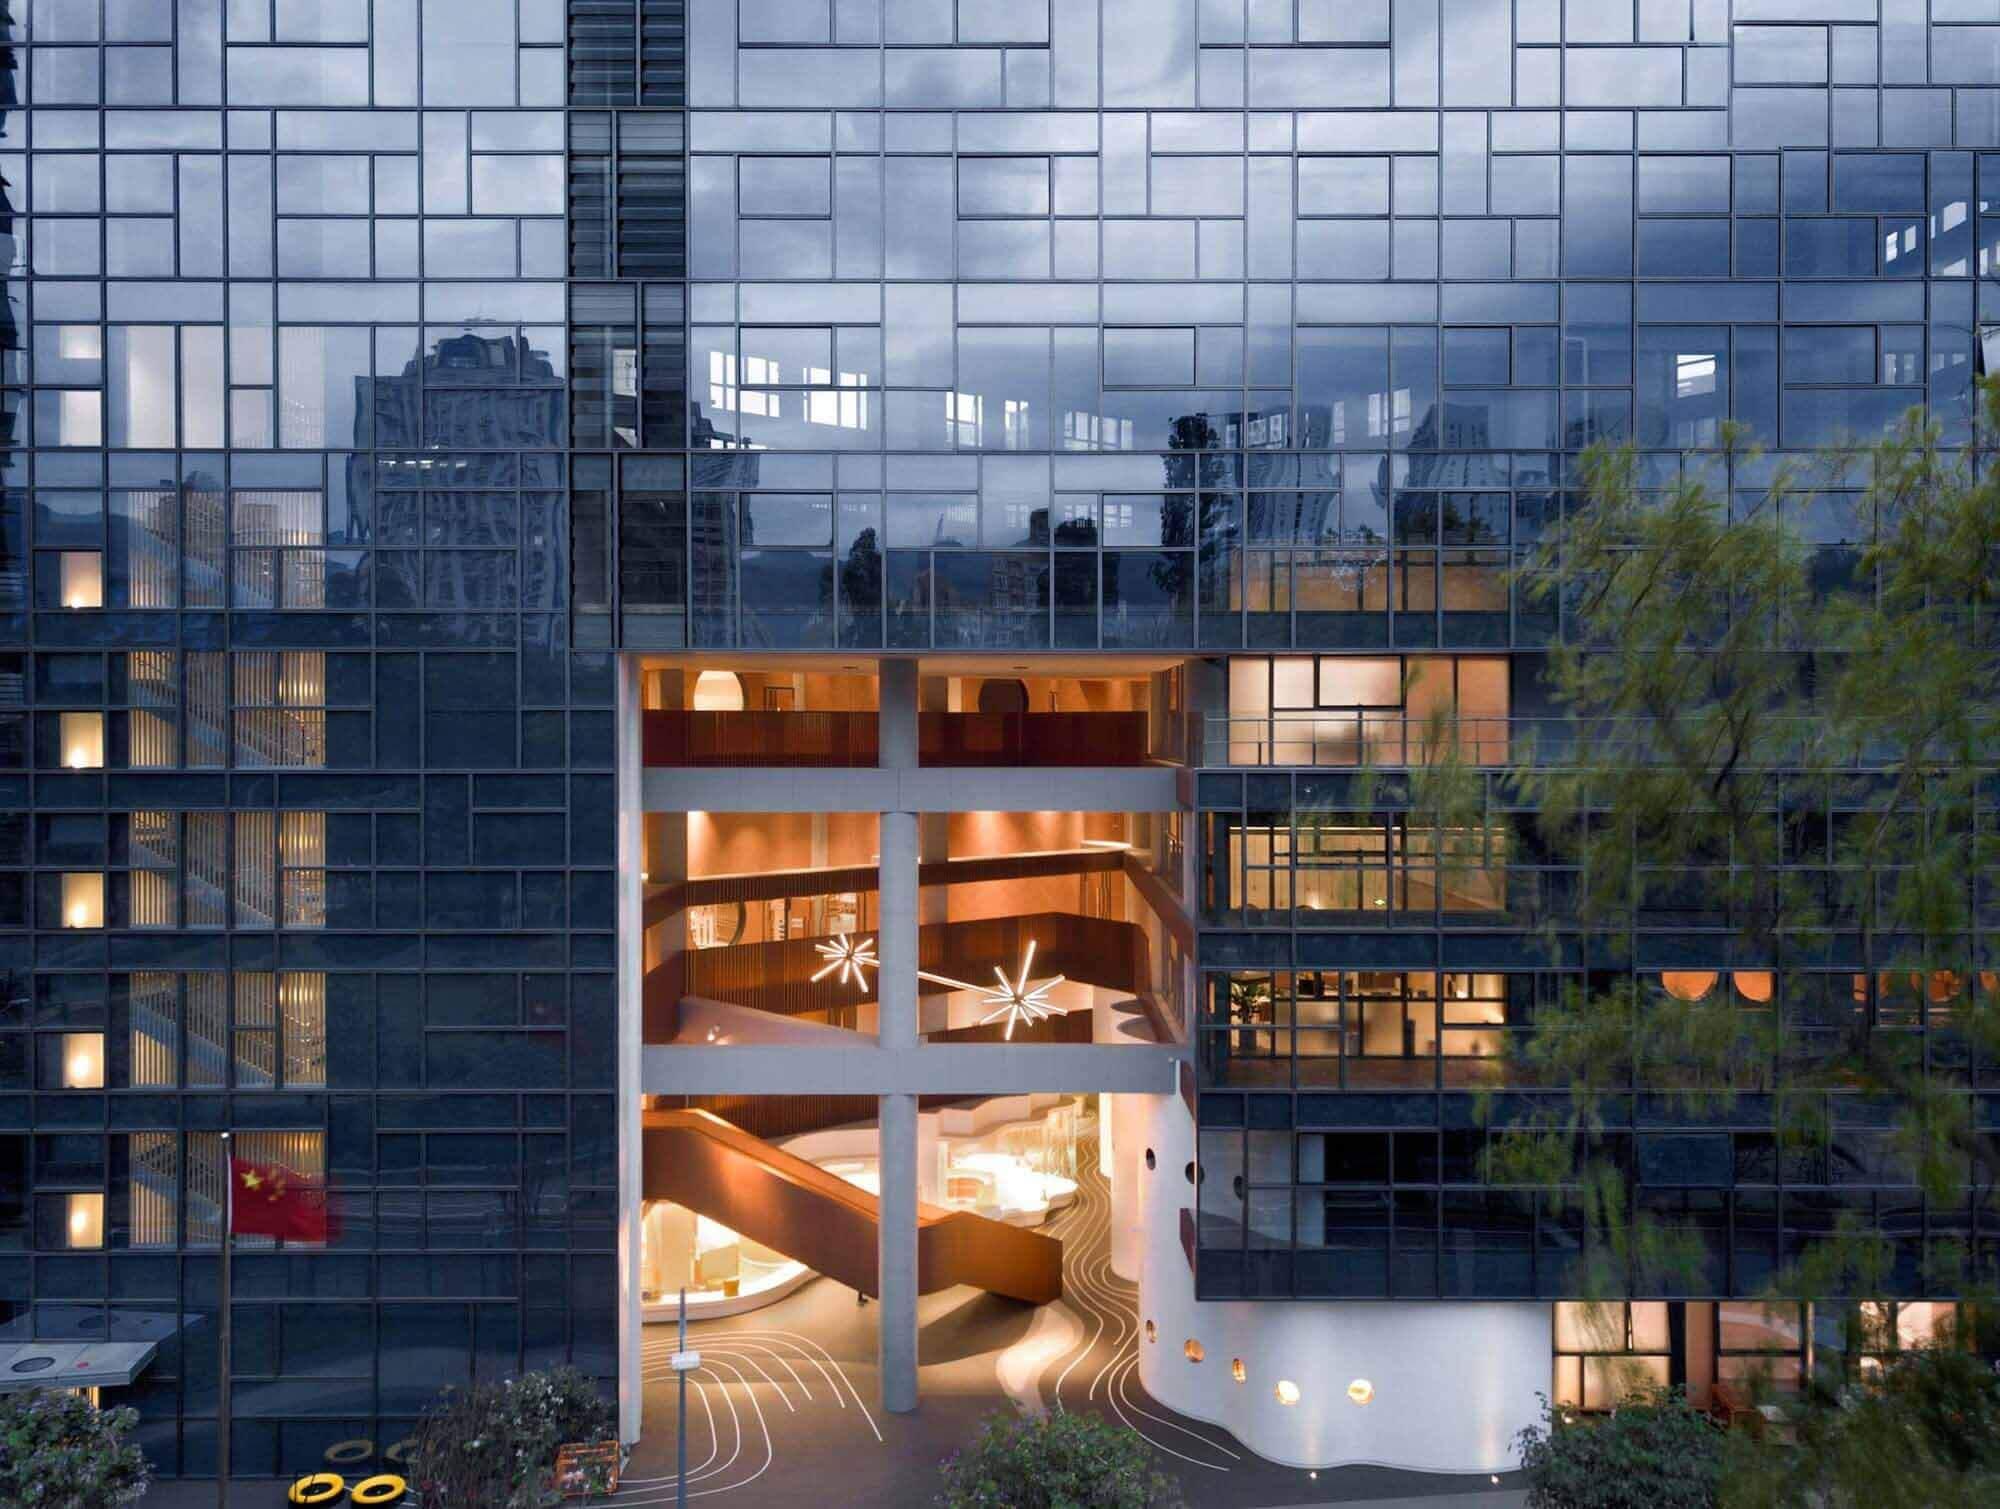 Детский сад Golden Apple / Groundwork Architects & Associates